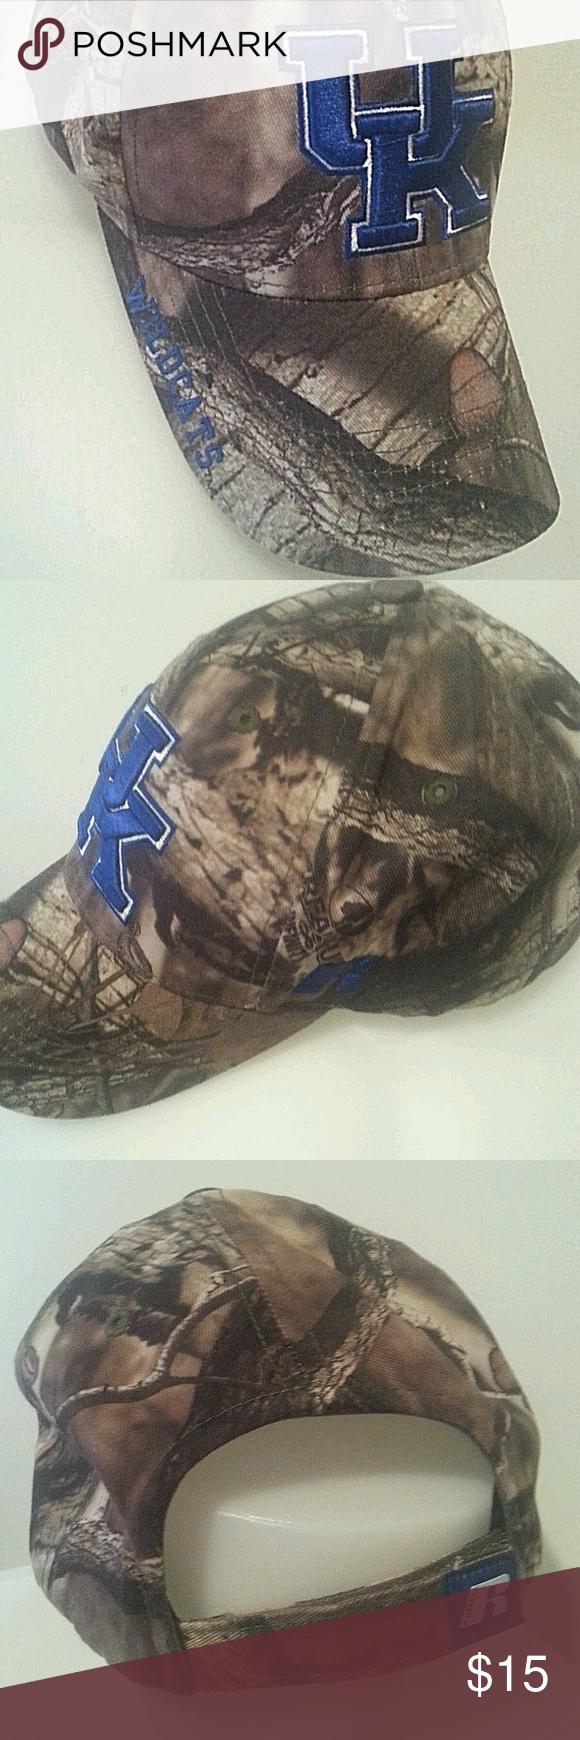 University of Kentucky Wildcats Camo Hat University of Kentucky Wildcats  Russell Athletic Camo Hat One Size Russell Athletic Accessories Hats 1643713a19cf